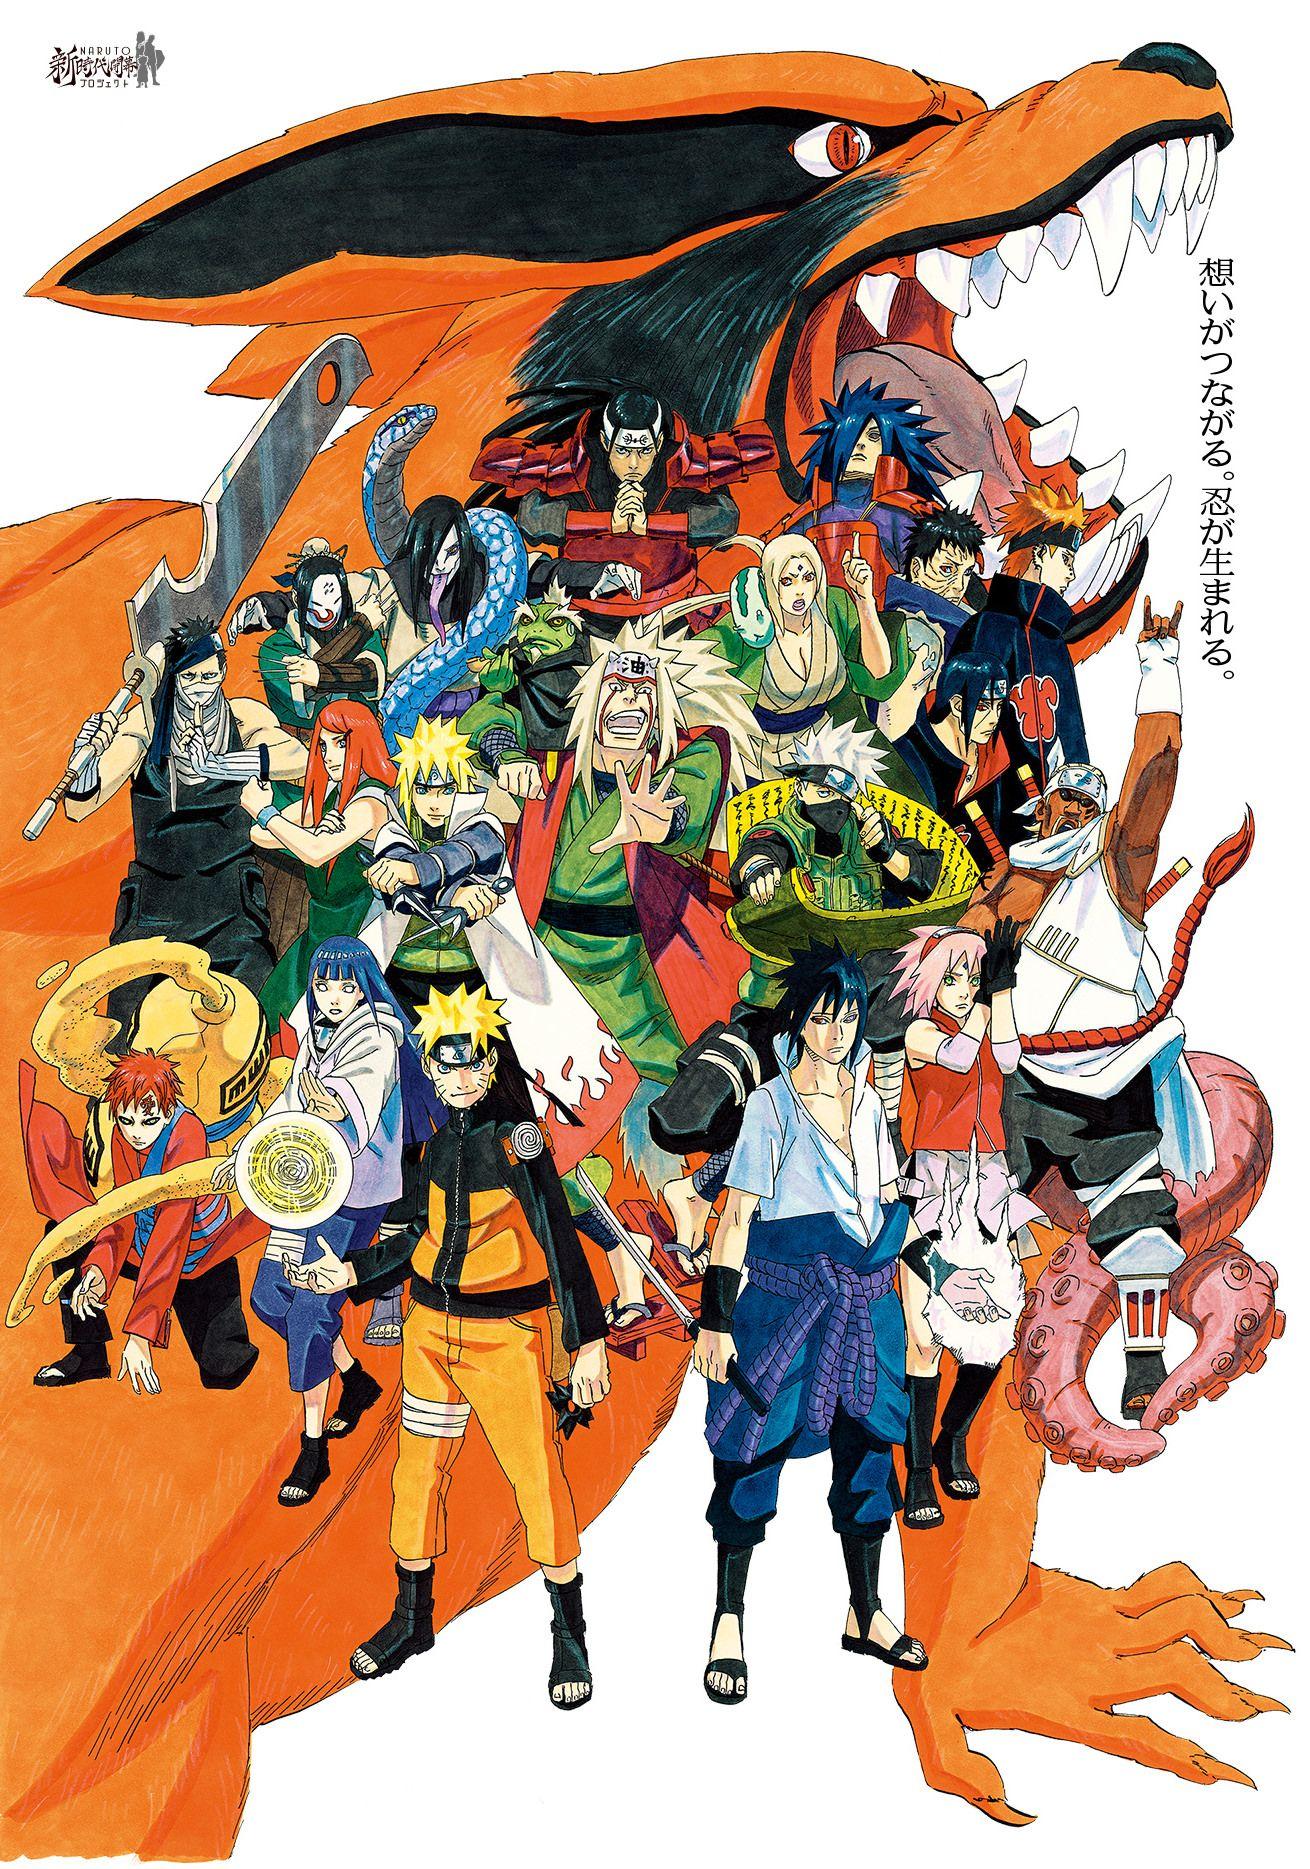 連載完結記念 岸本斉史 Naruto ナルト 展 森アーツセンター